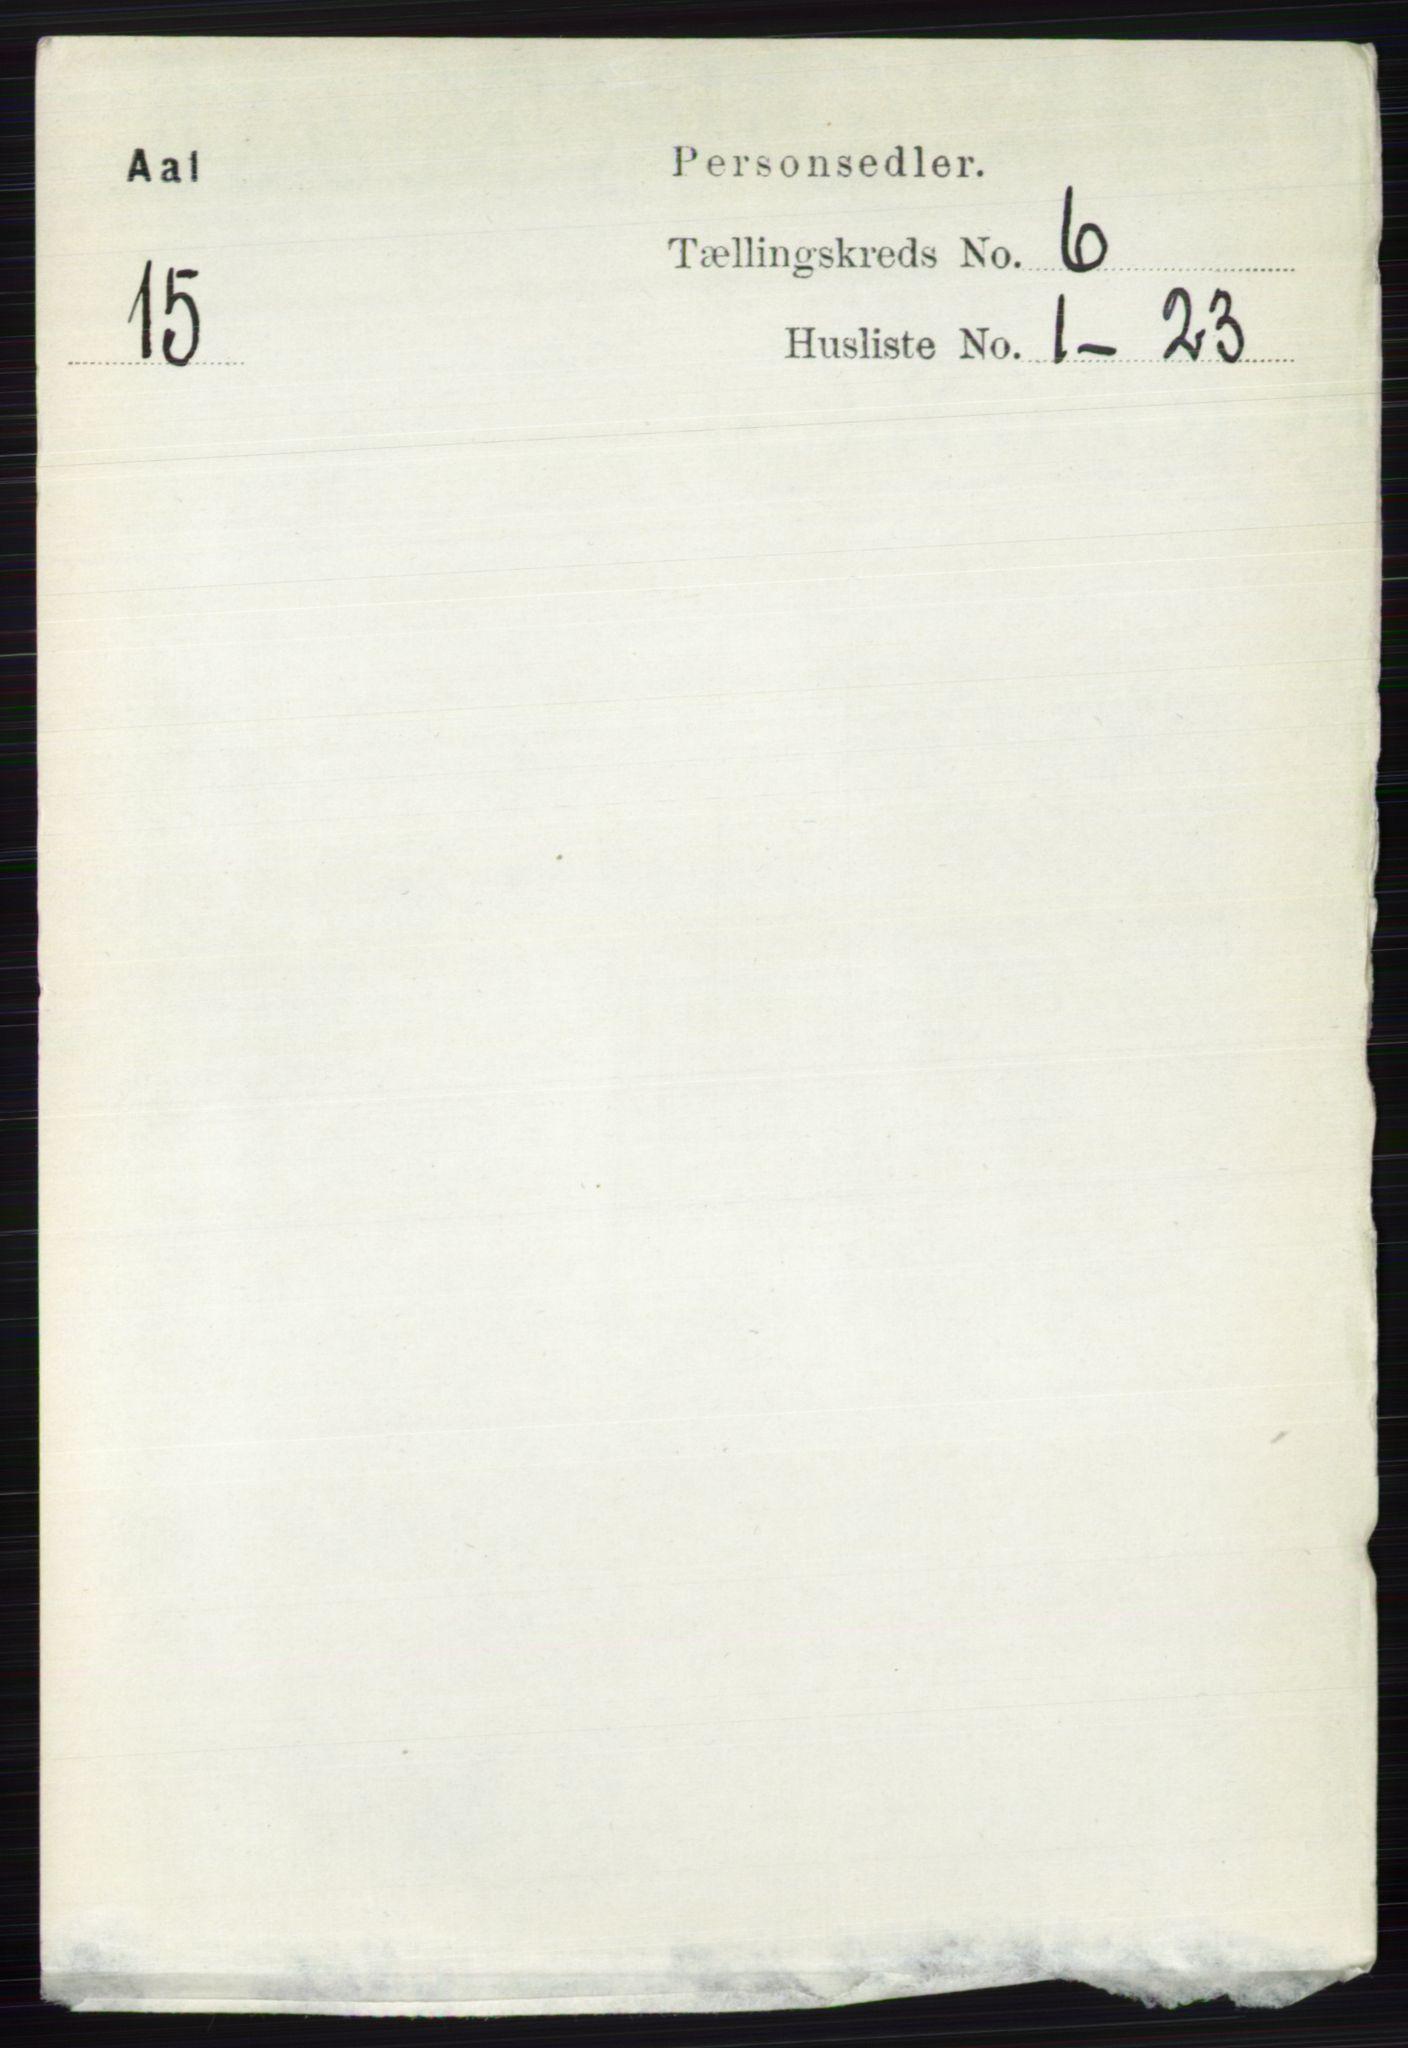 RA, Folketelling 1891 for 0619 Ål herred, 1891, s. 1520